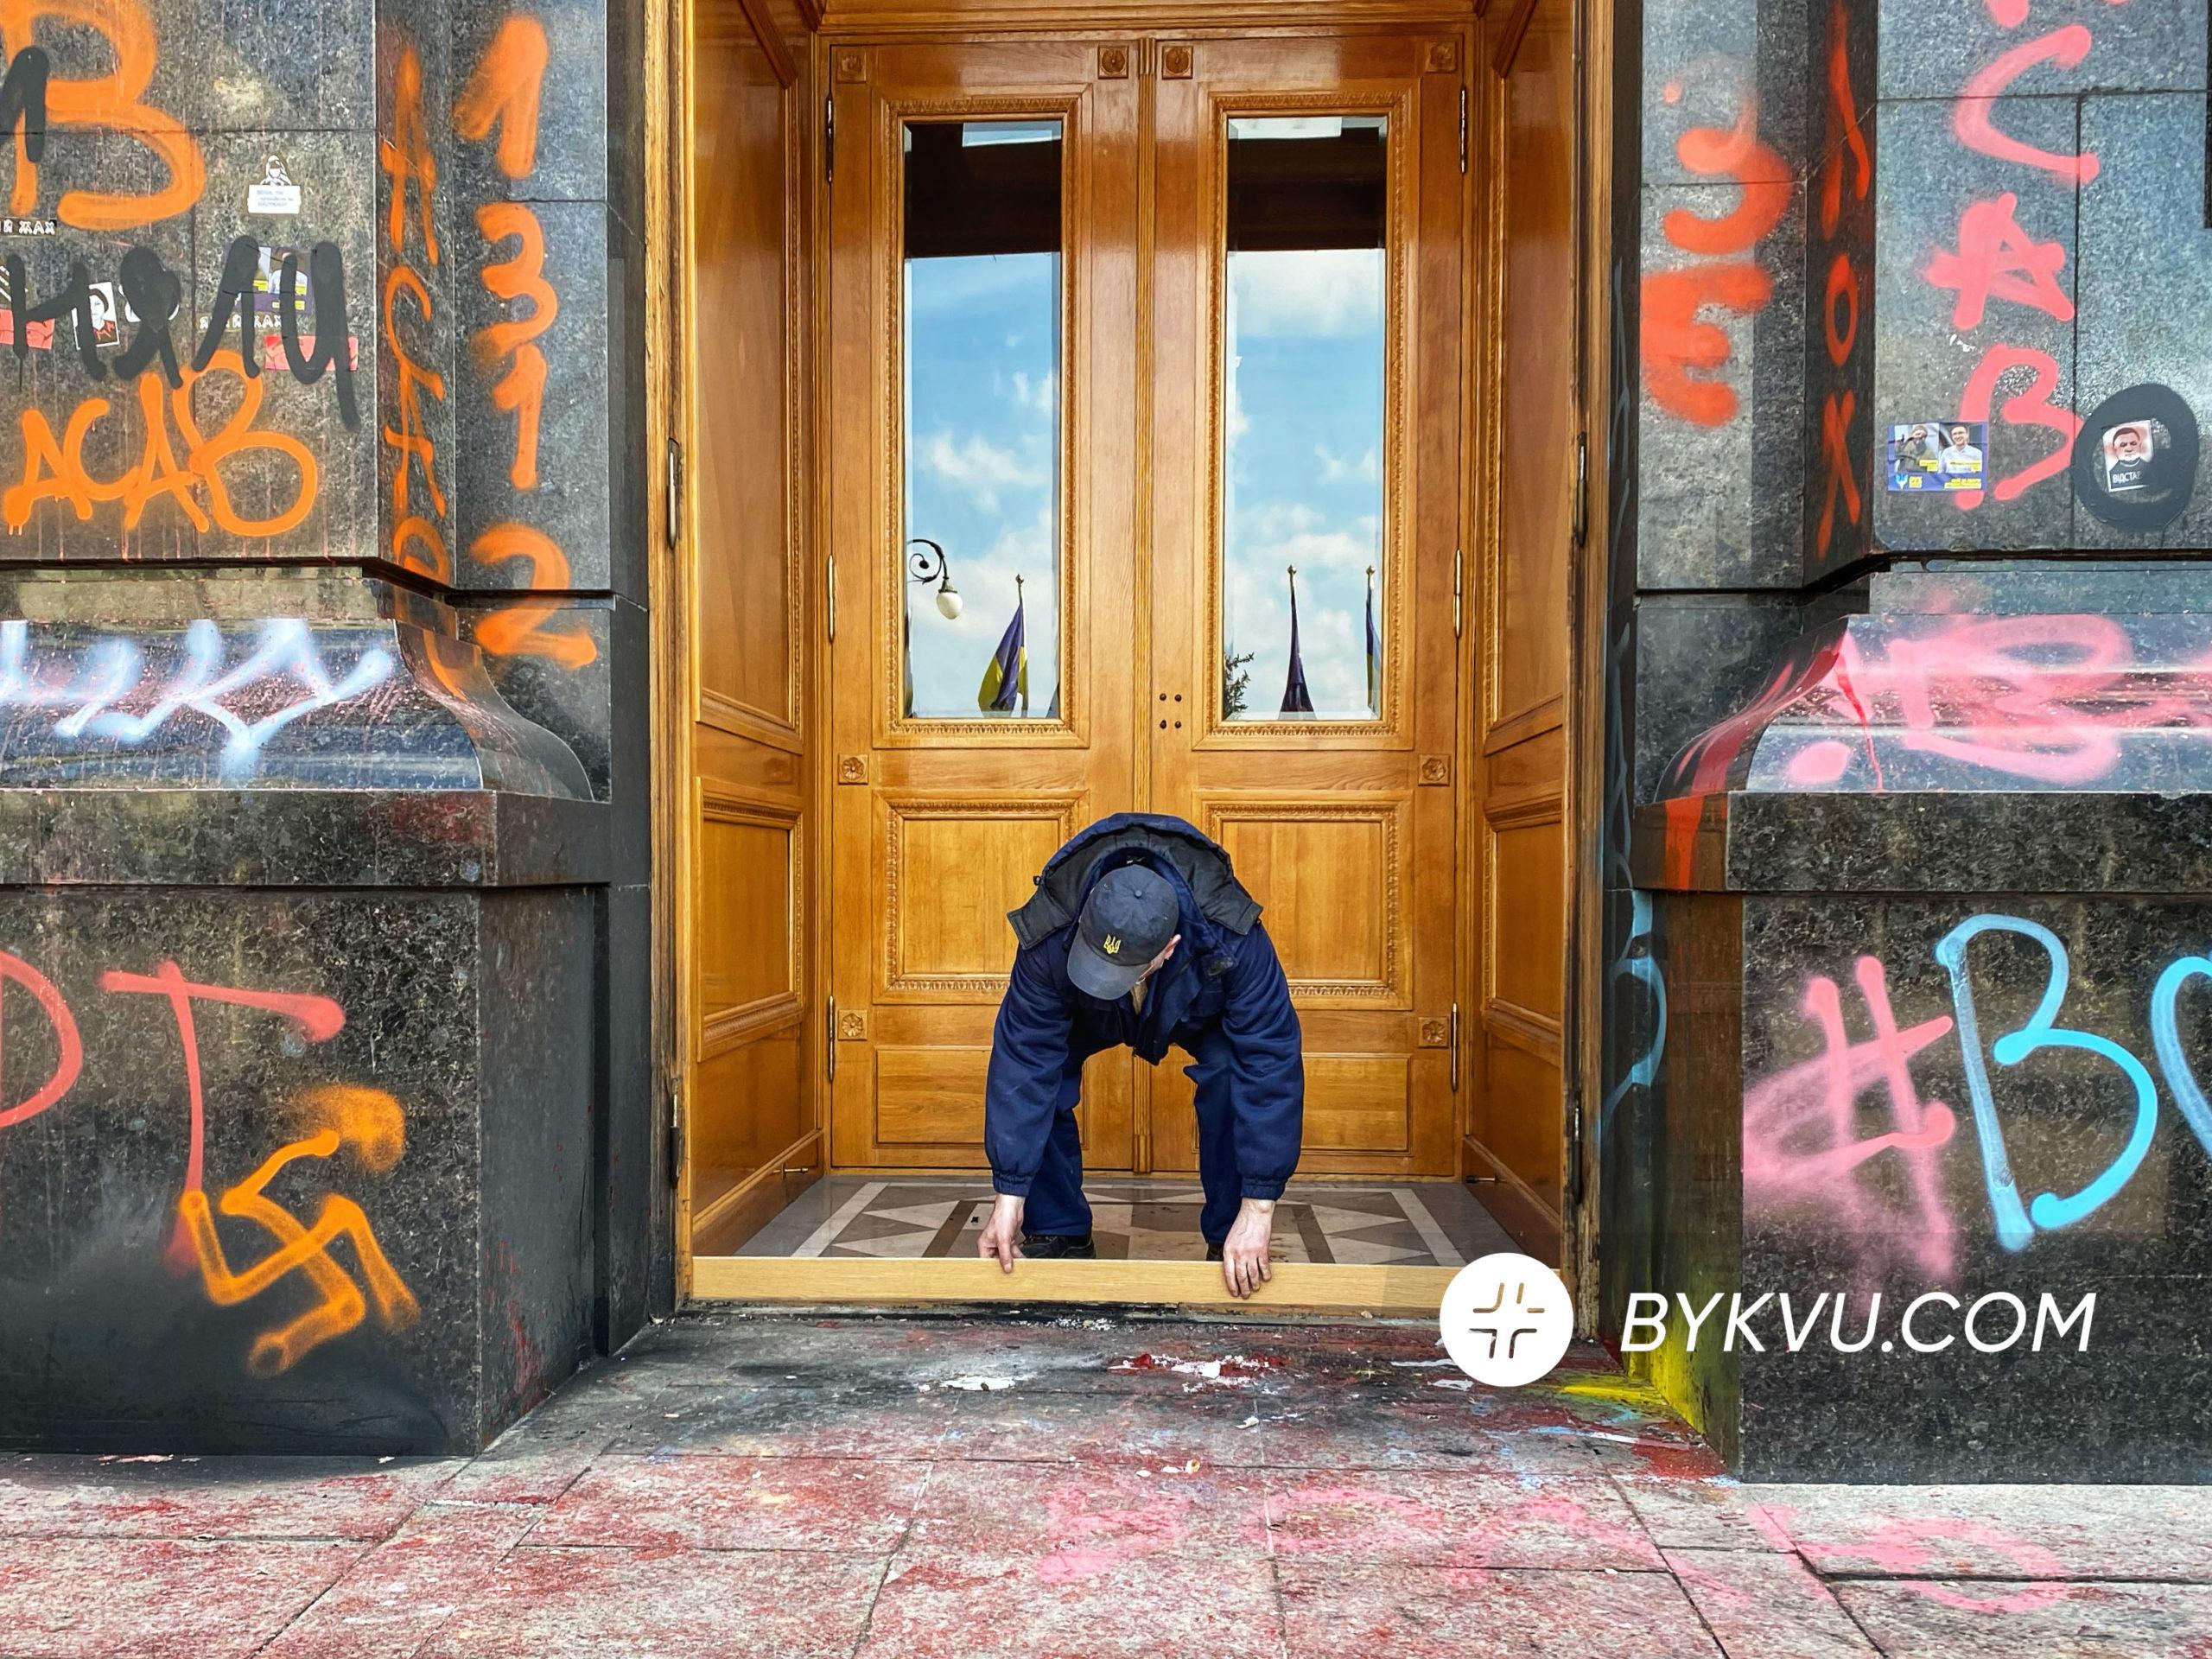 опу_акция_стерненко_граффити